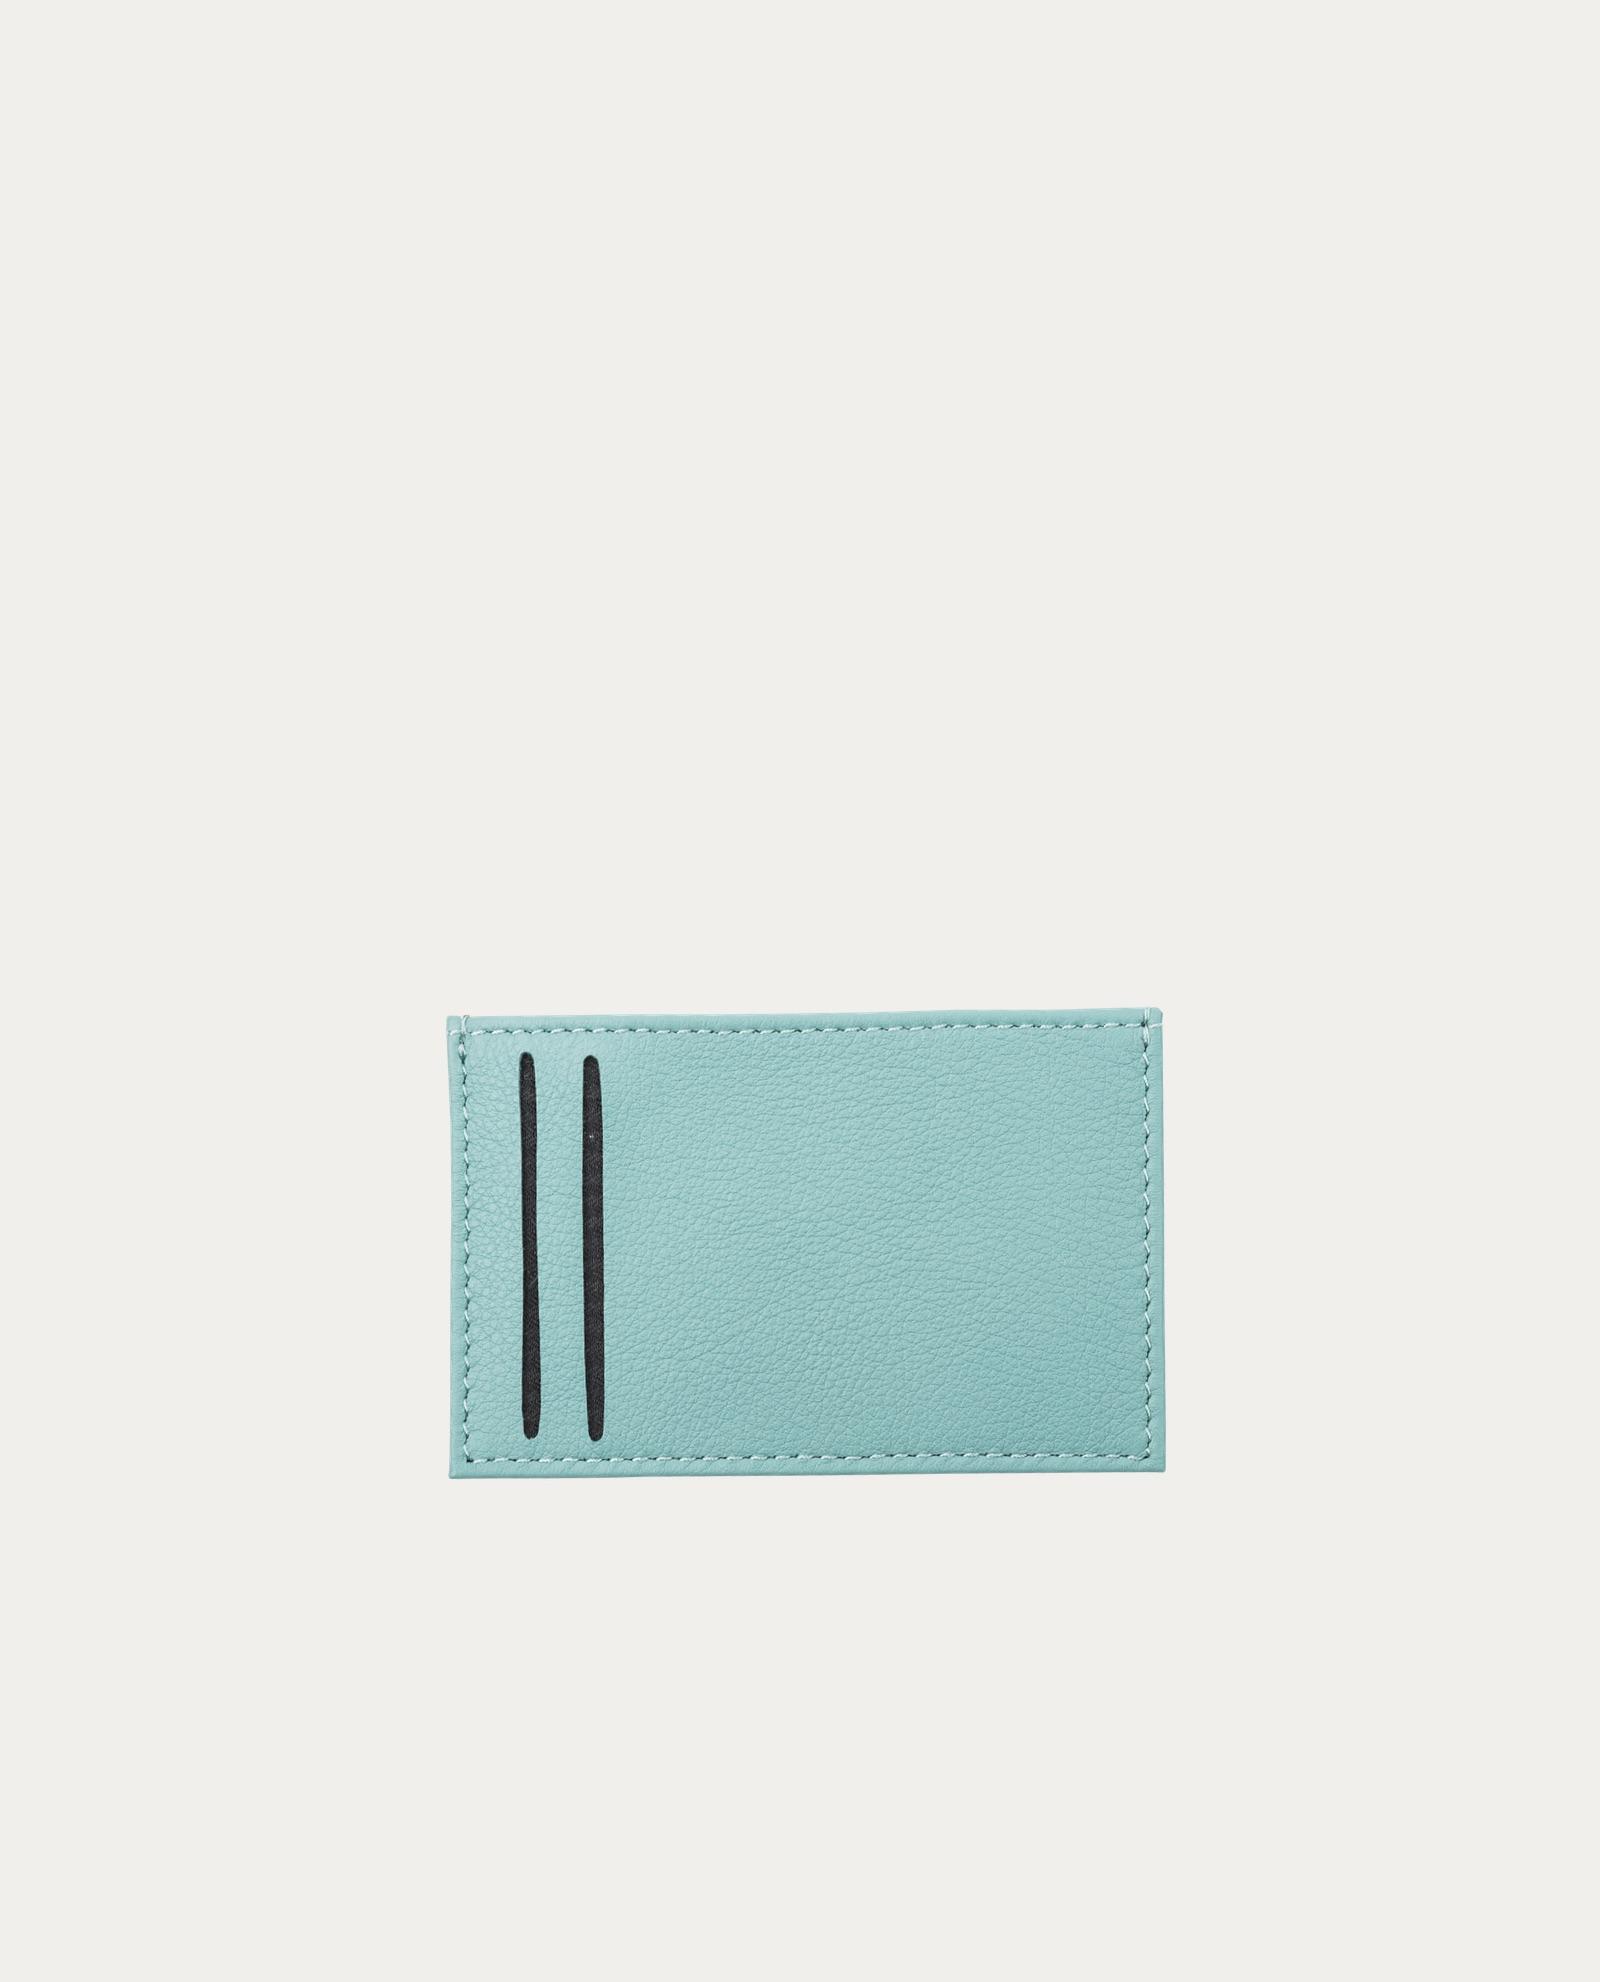 carr royal porte cartes concept store barbier coiffeur pour l 39 homme tonsor cie. Black Bedroom Furniture Sets. Home Design Ideas